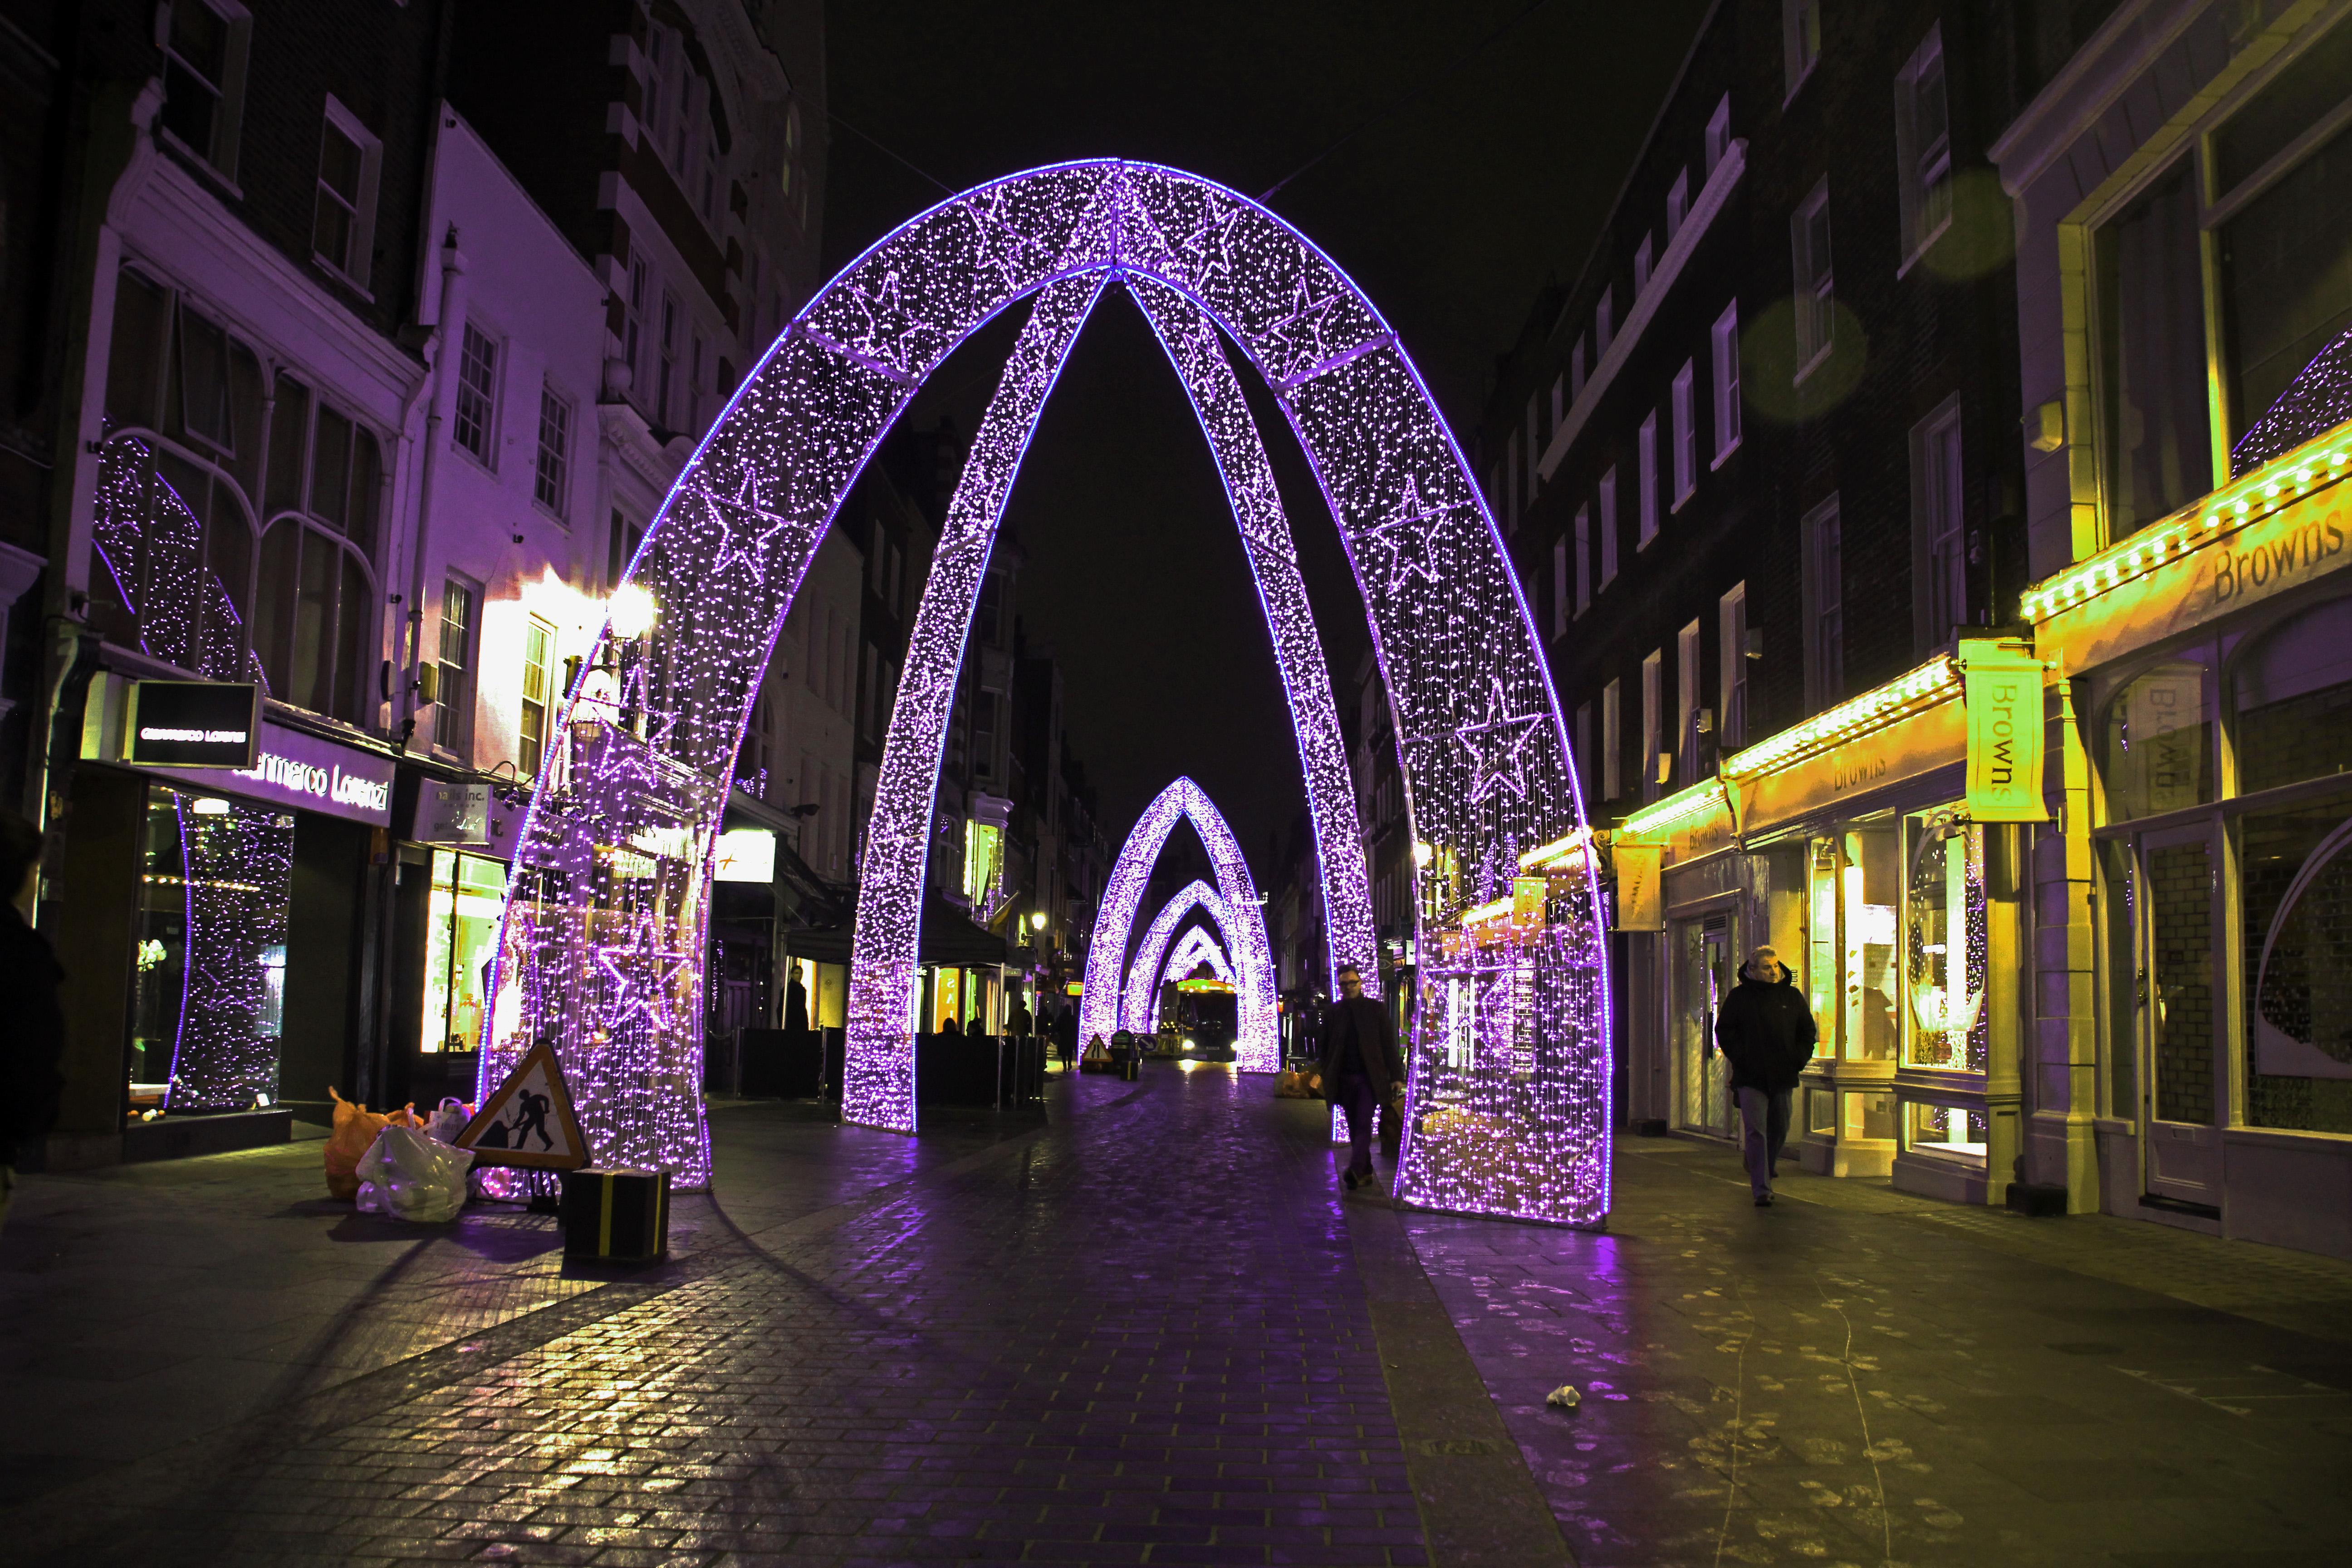 London Christmas Lights Arches © jonovernon-powell